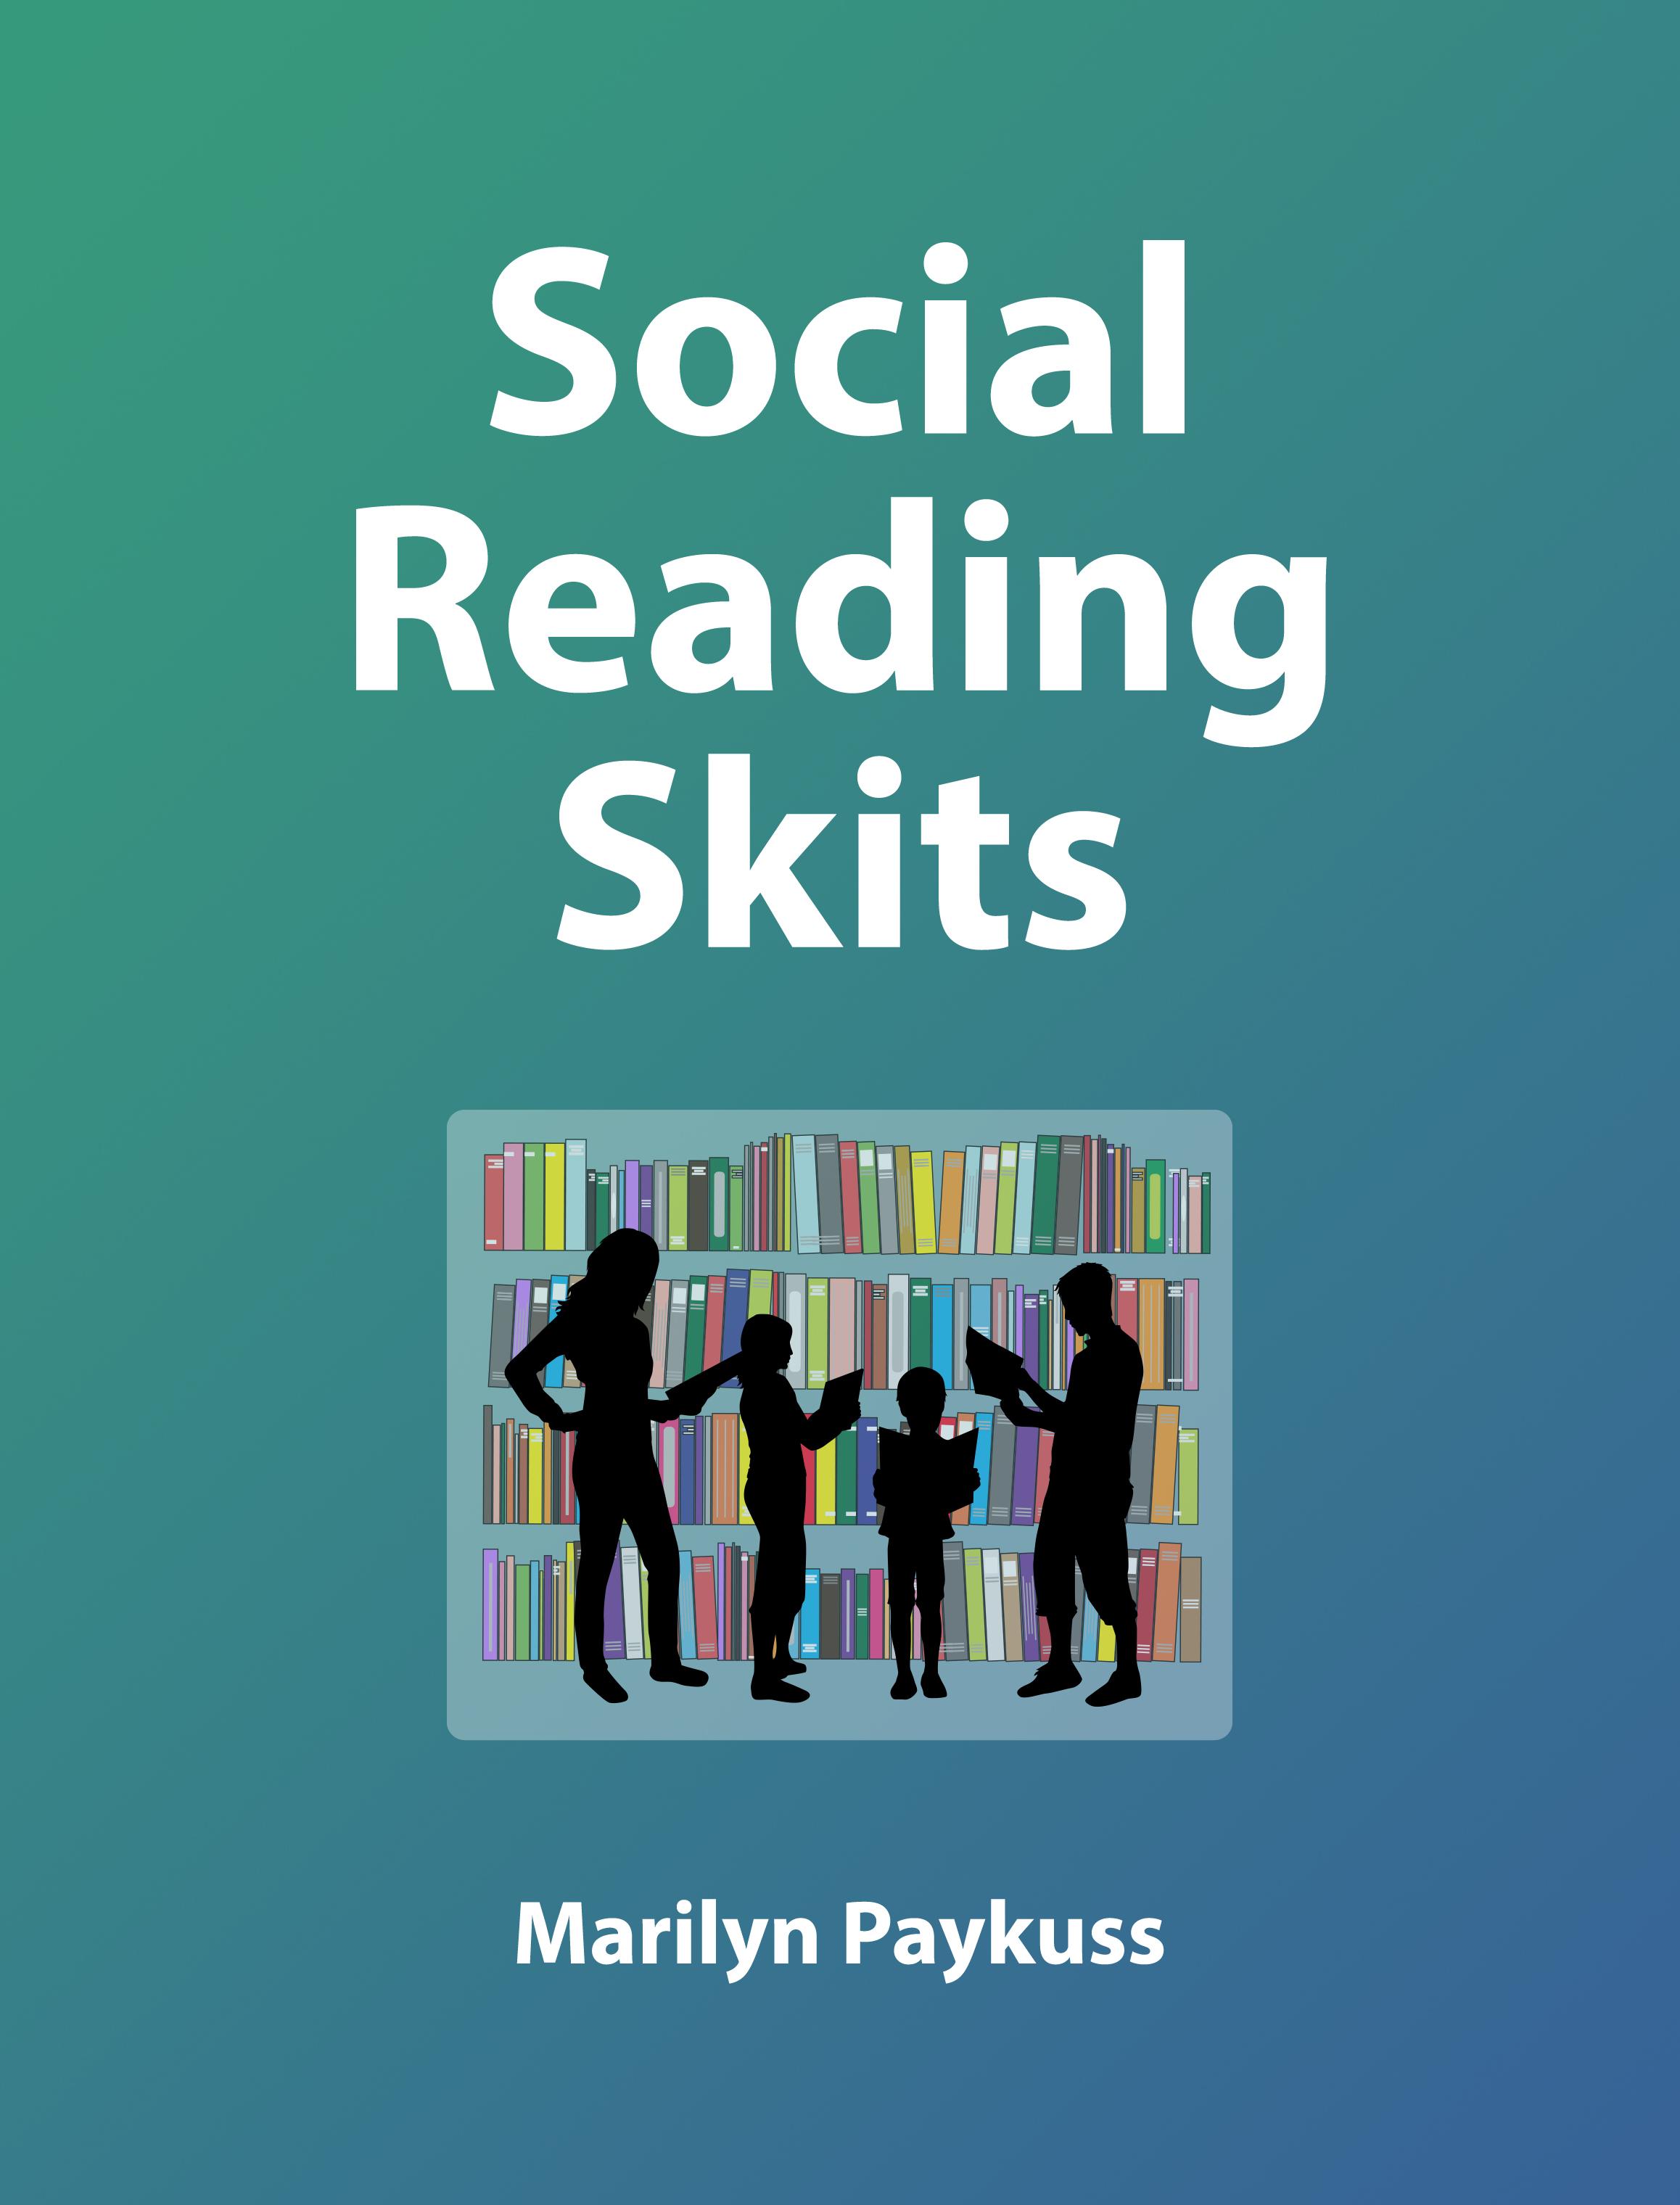 Social Reading Skits